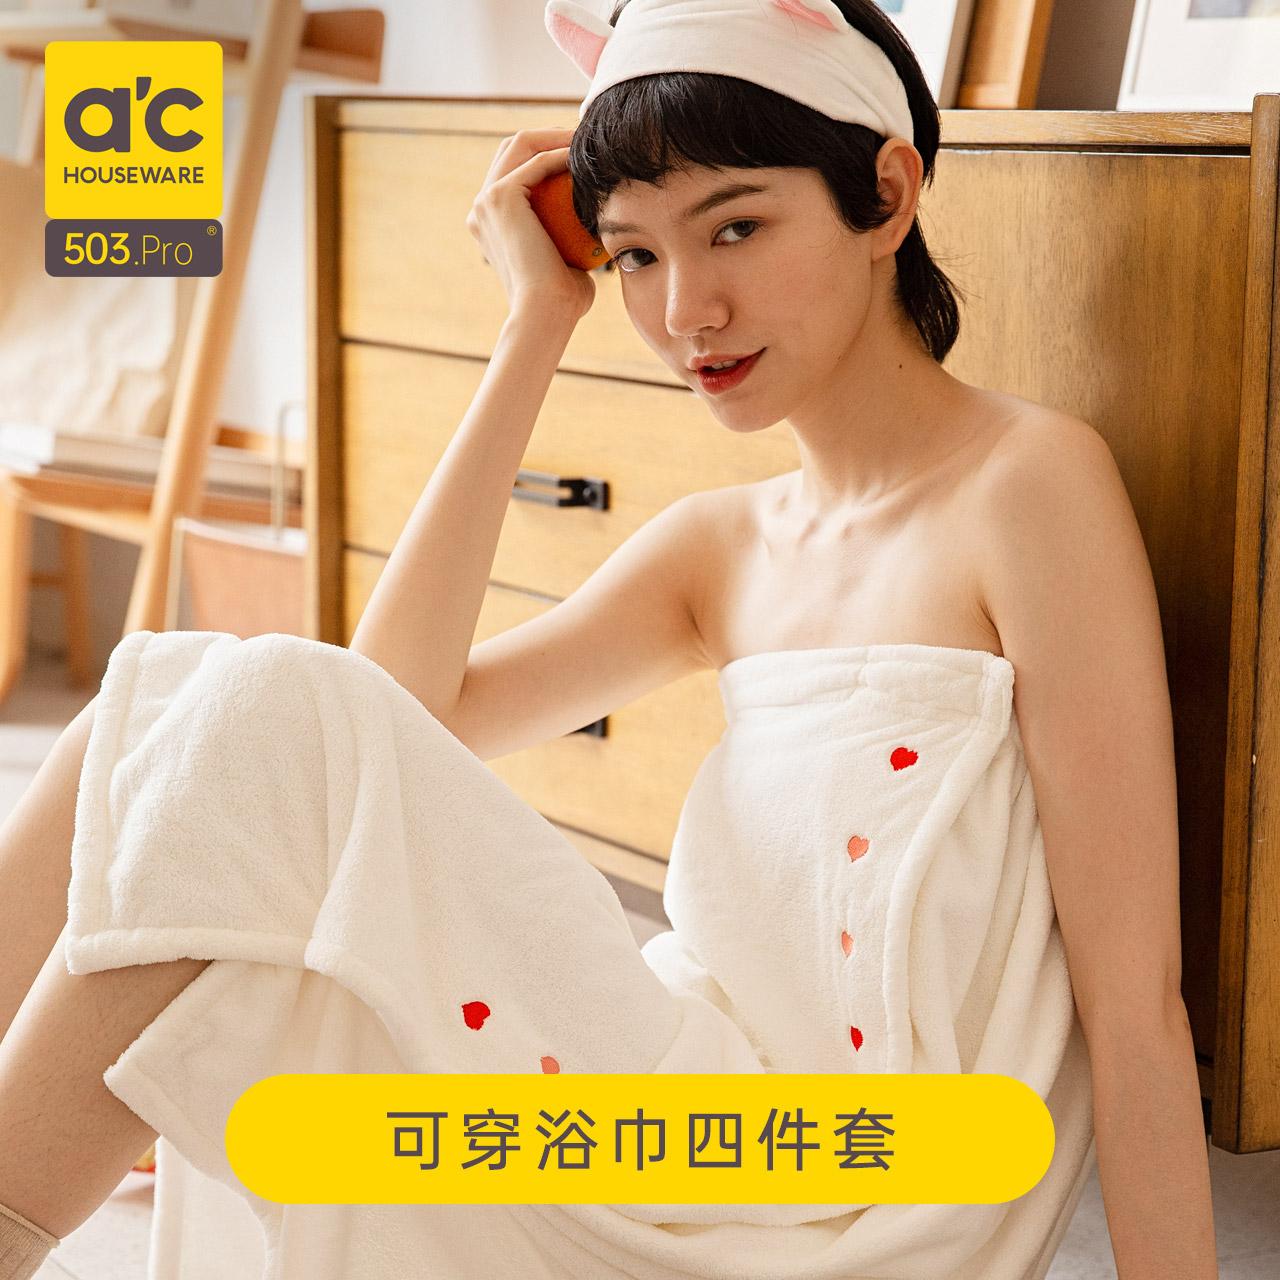 家用女可穿可裹比纯棉吸水速干浴巾好用吗